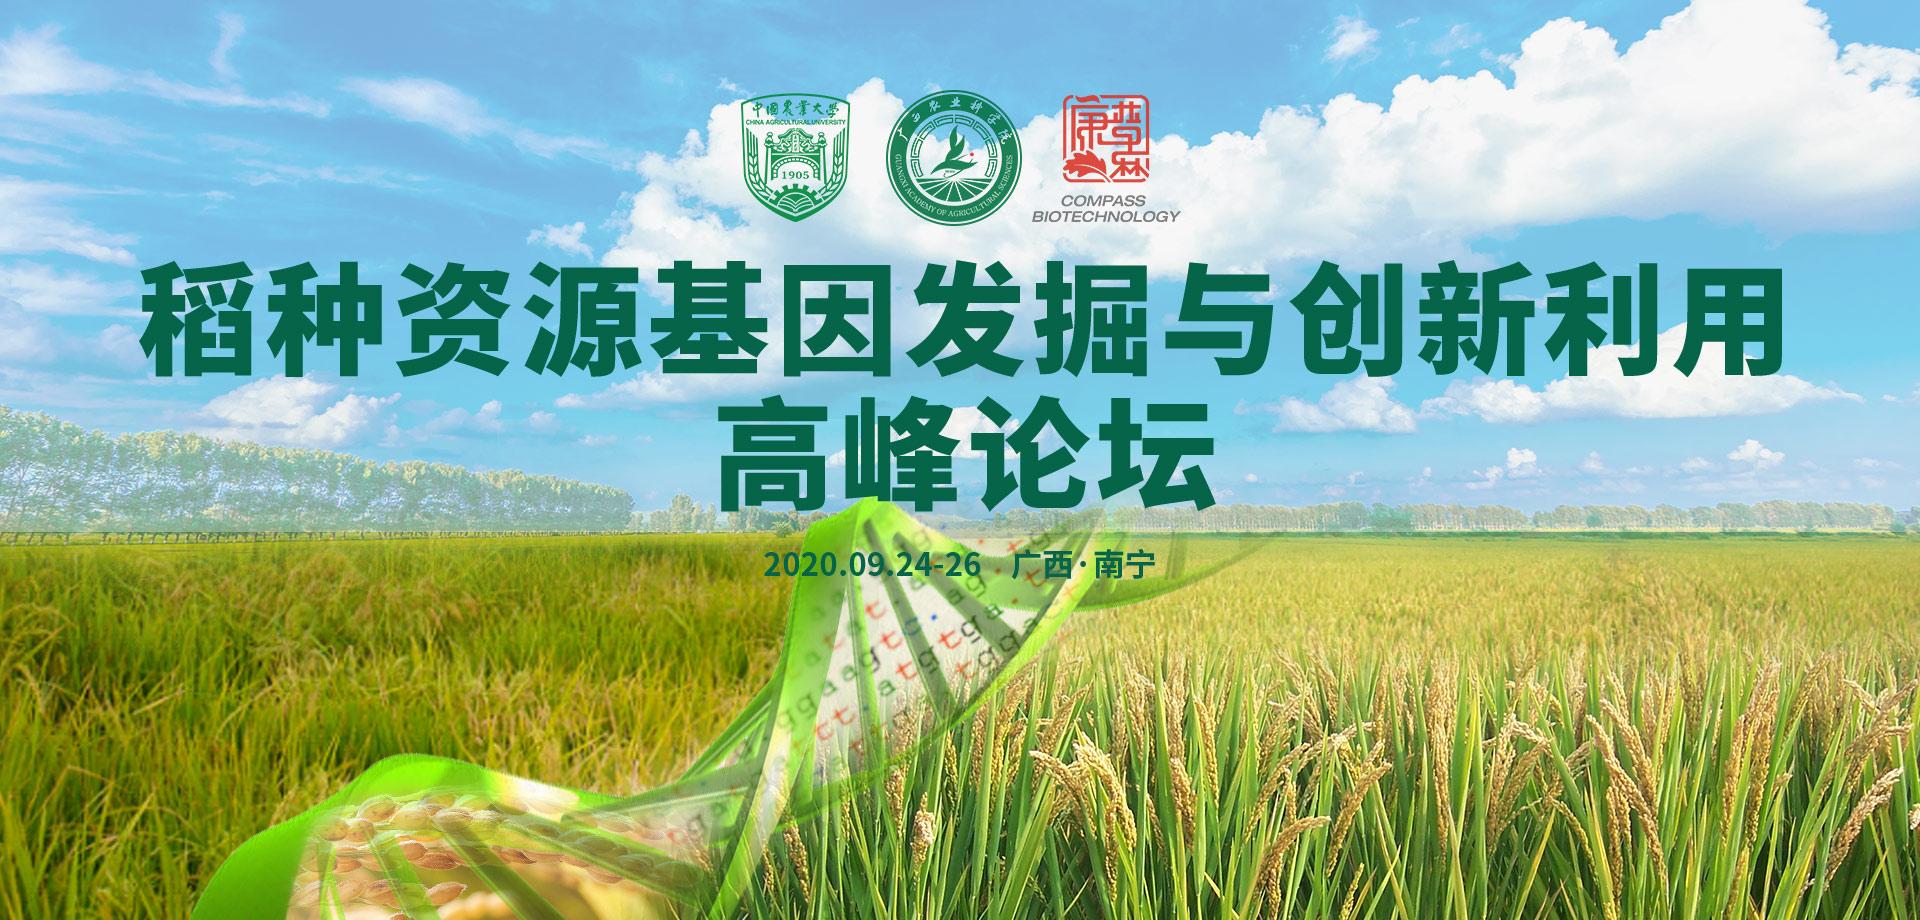 2020稻种资源基因发掘与创新利用高峰论坛